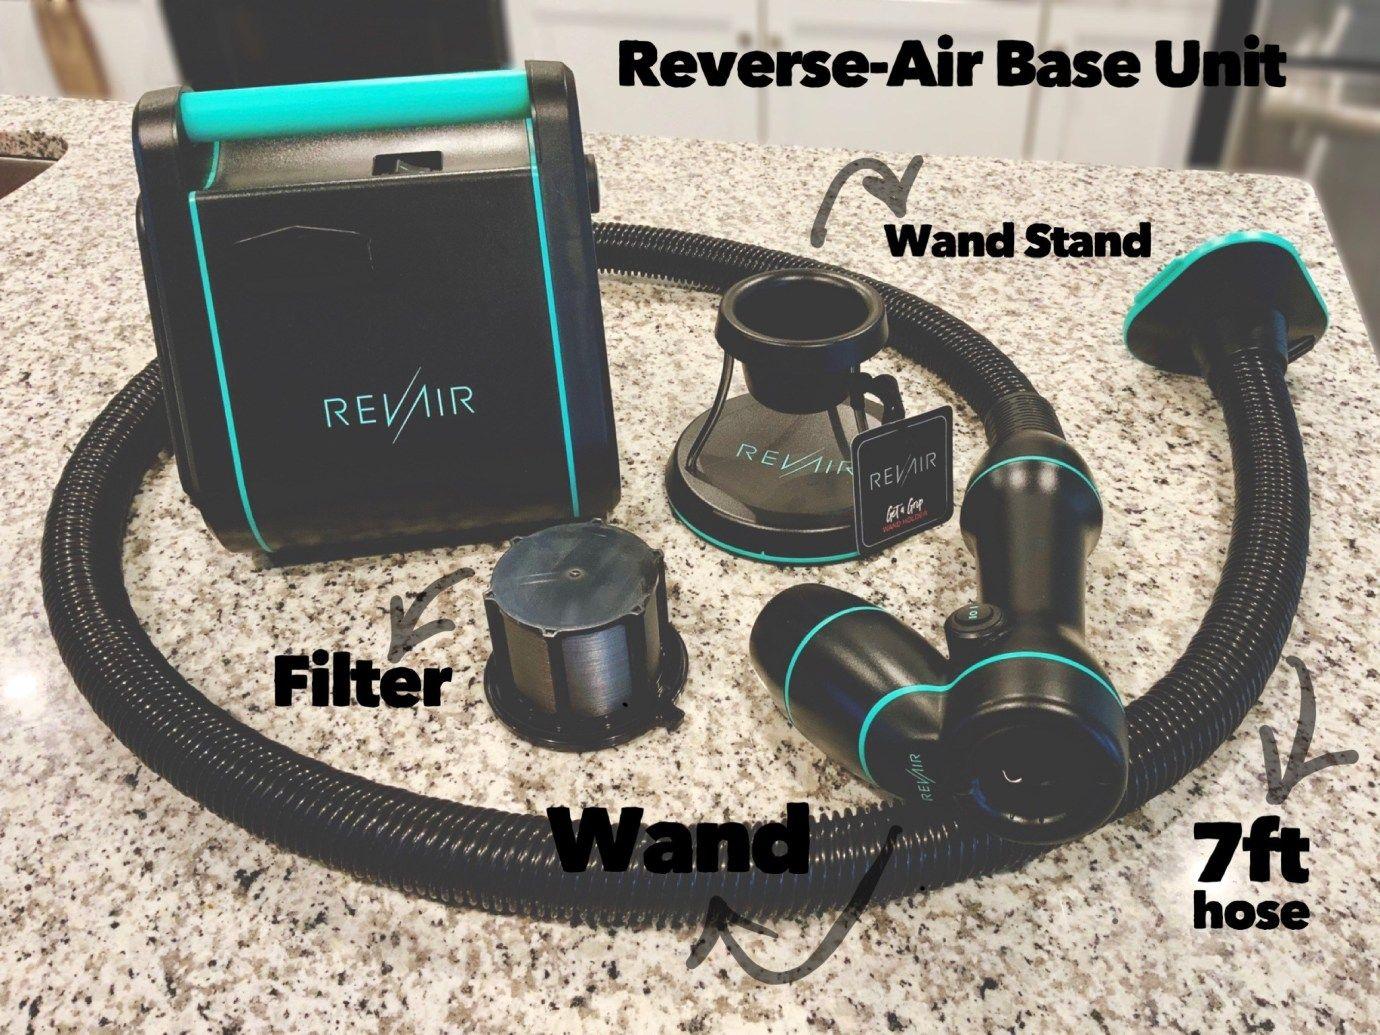 RevAir ReverseAir Dryer First Use Shea moisture